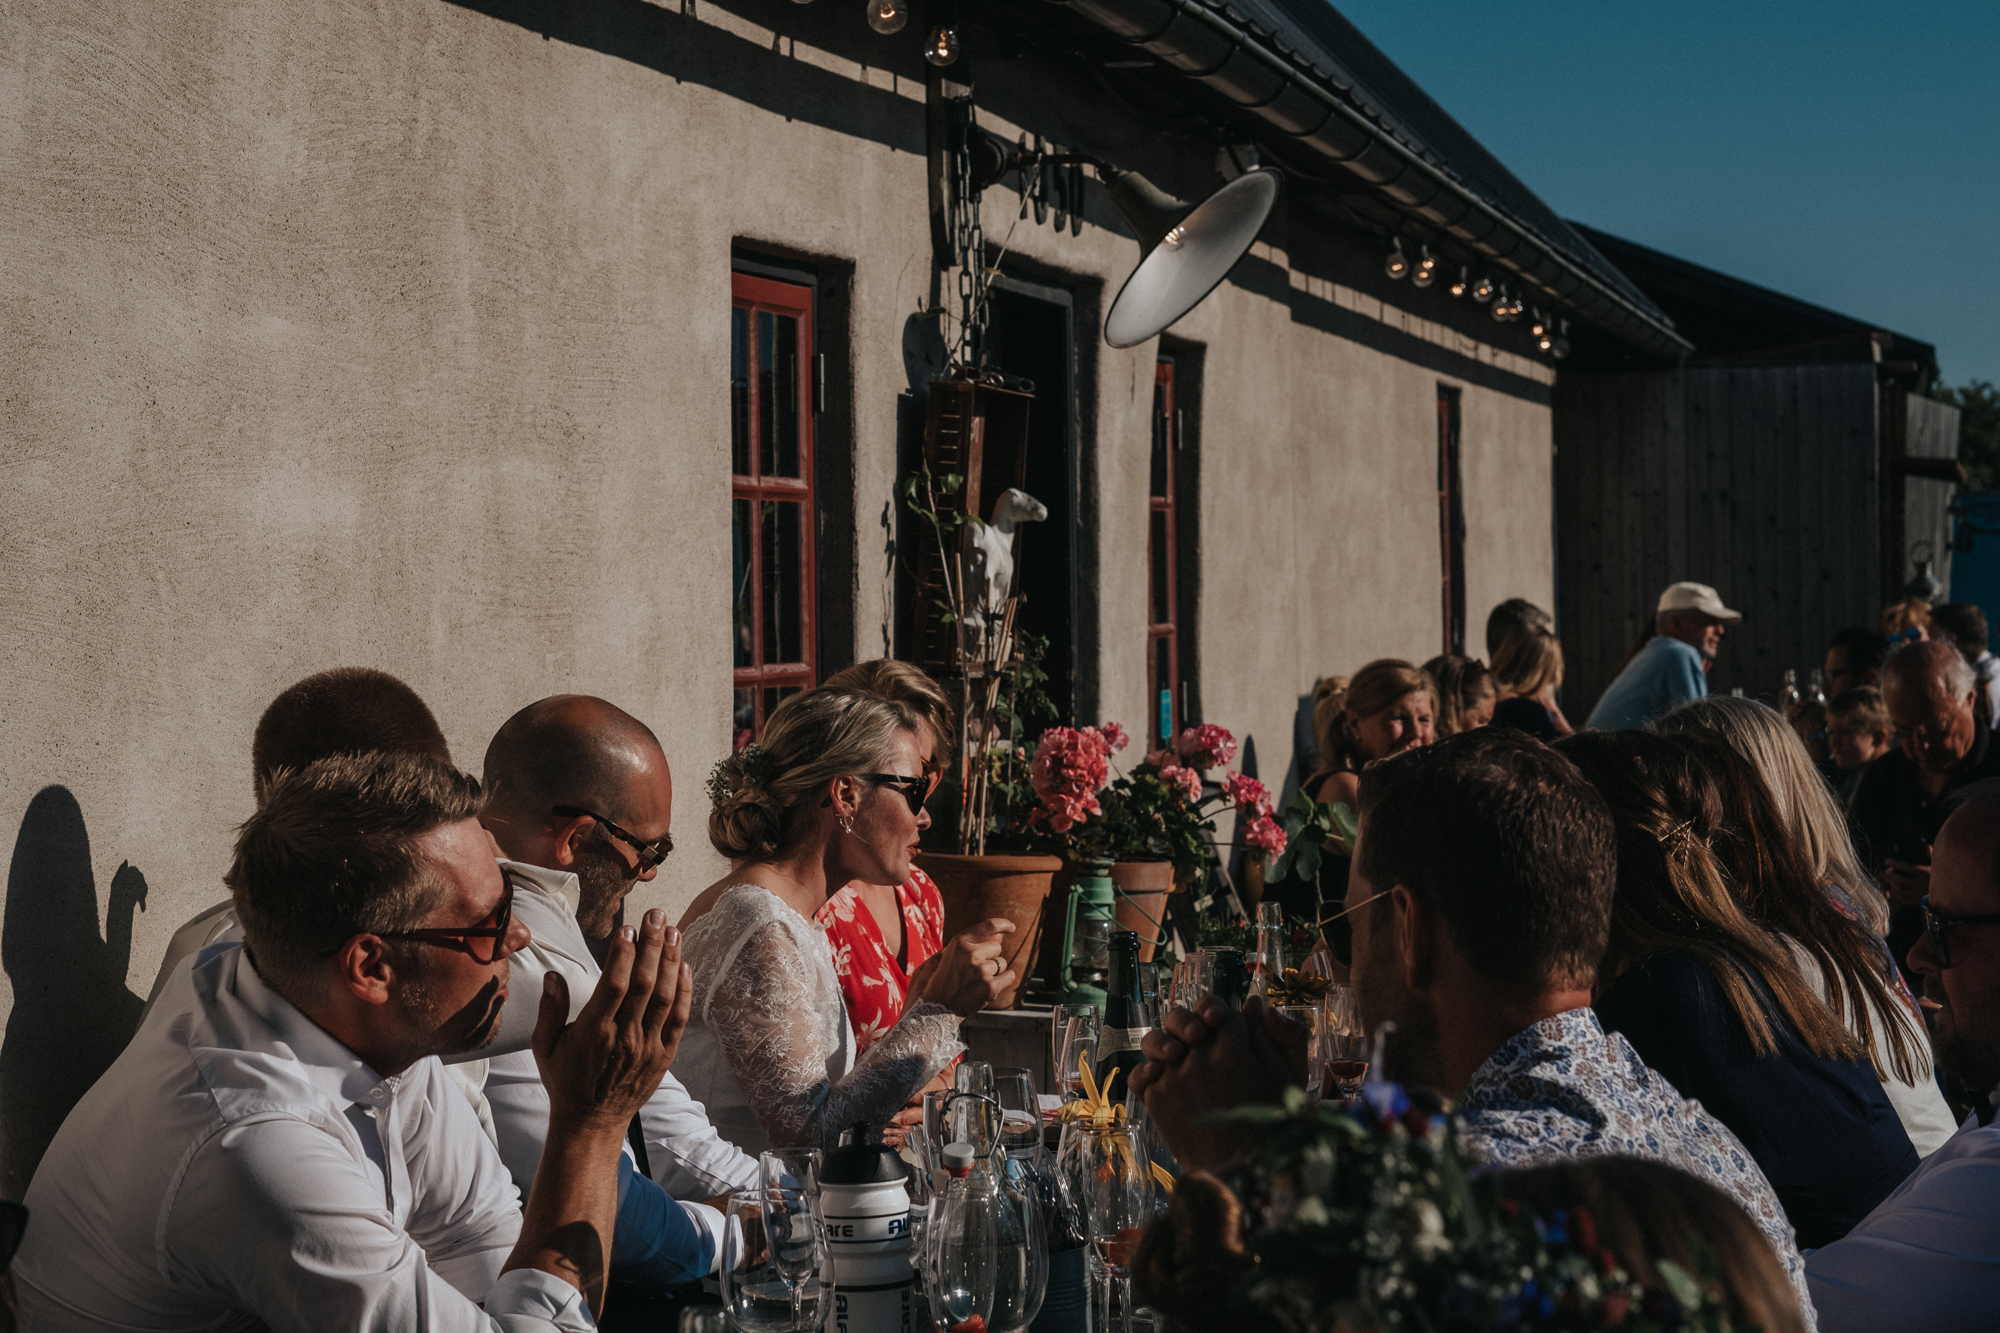 034-bröllop-fårögården-neas-fotografi.jpg